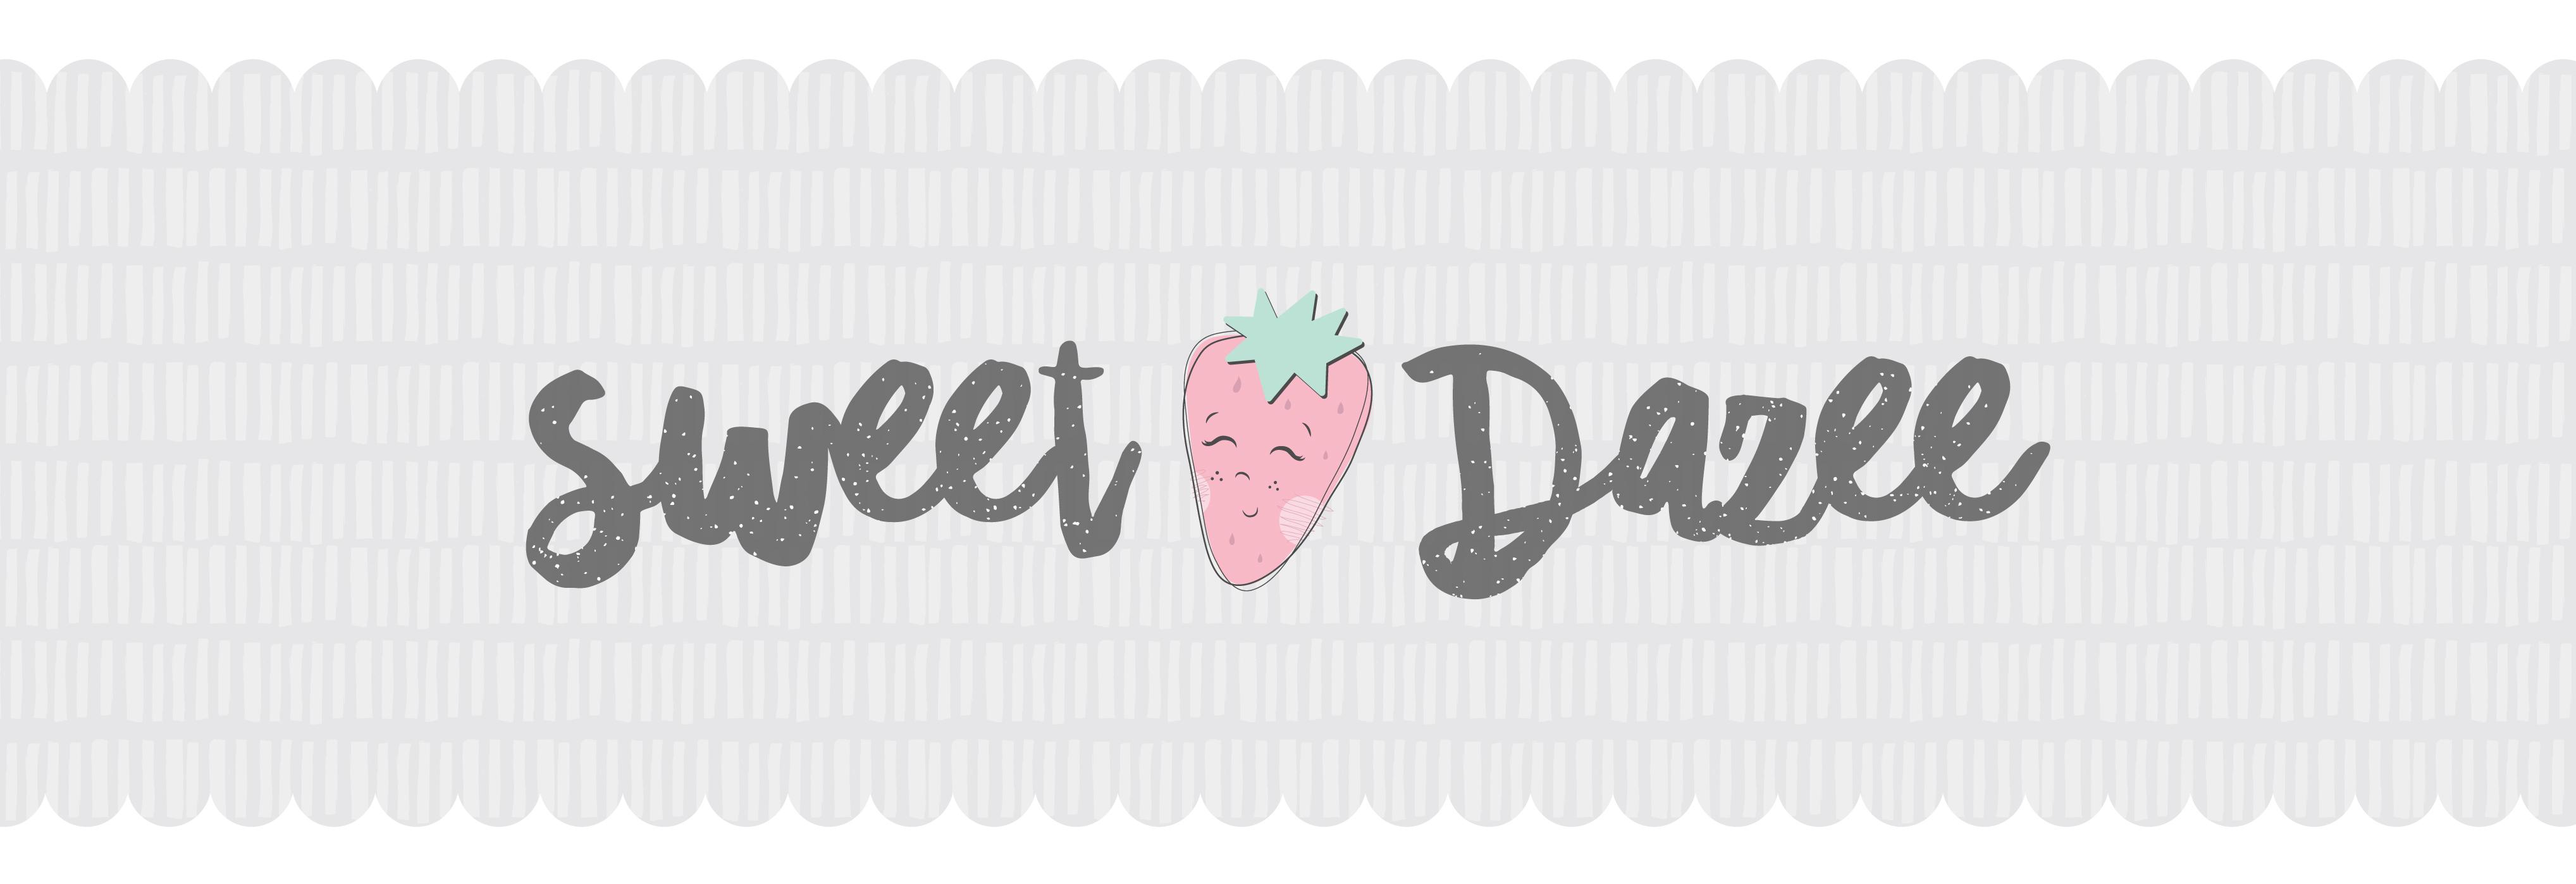 sweetdazee-shop-header-1.jpg